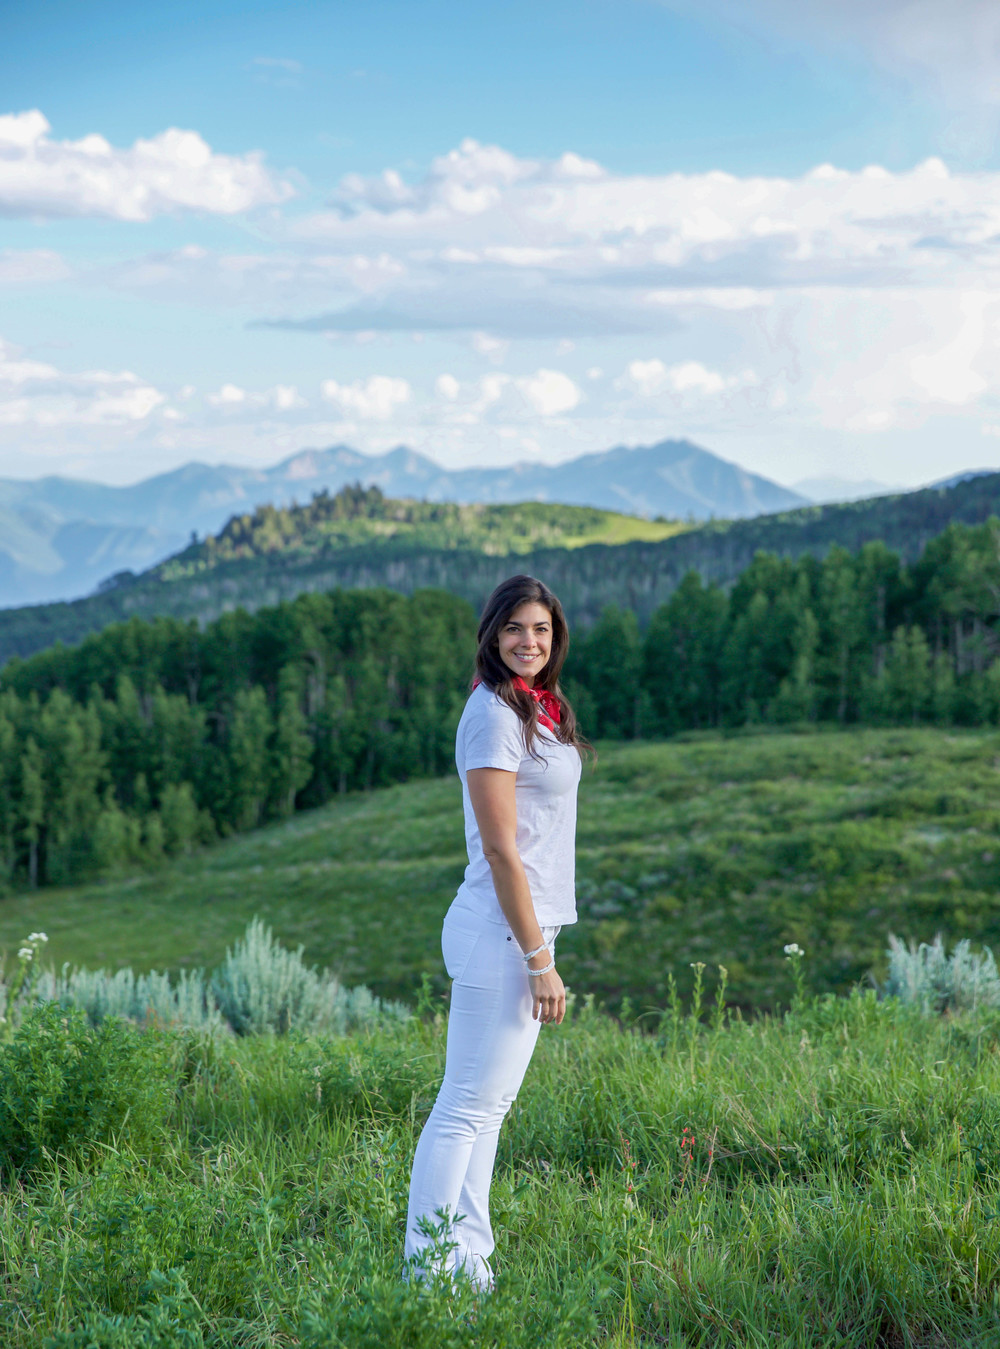 Deer-Valley-Utah-LaurenSchwaiger-Travel-Style-Blog-Summer-Whites.jpg